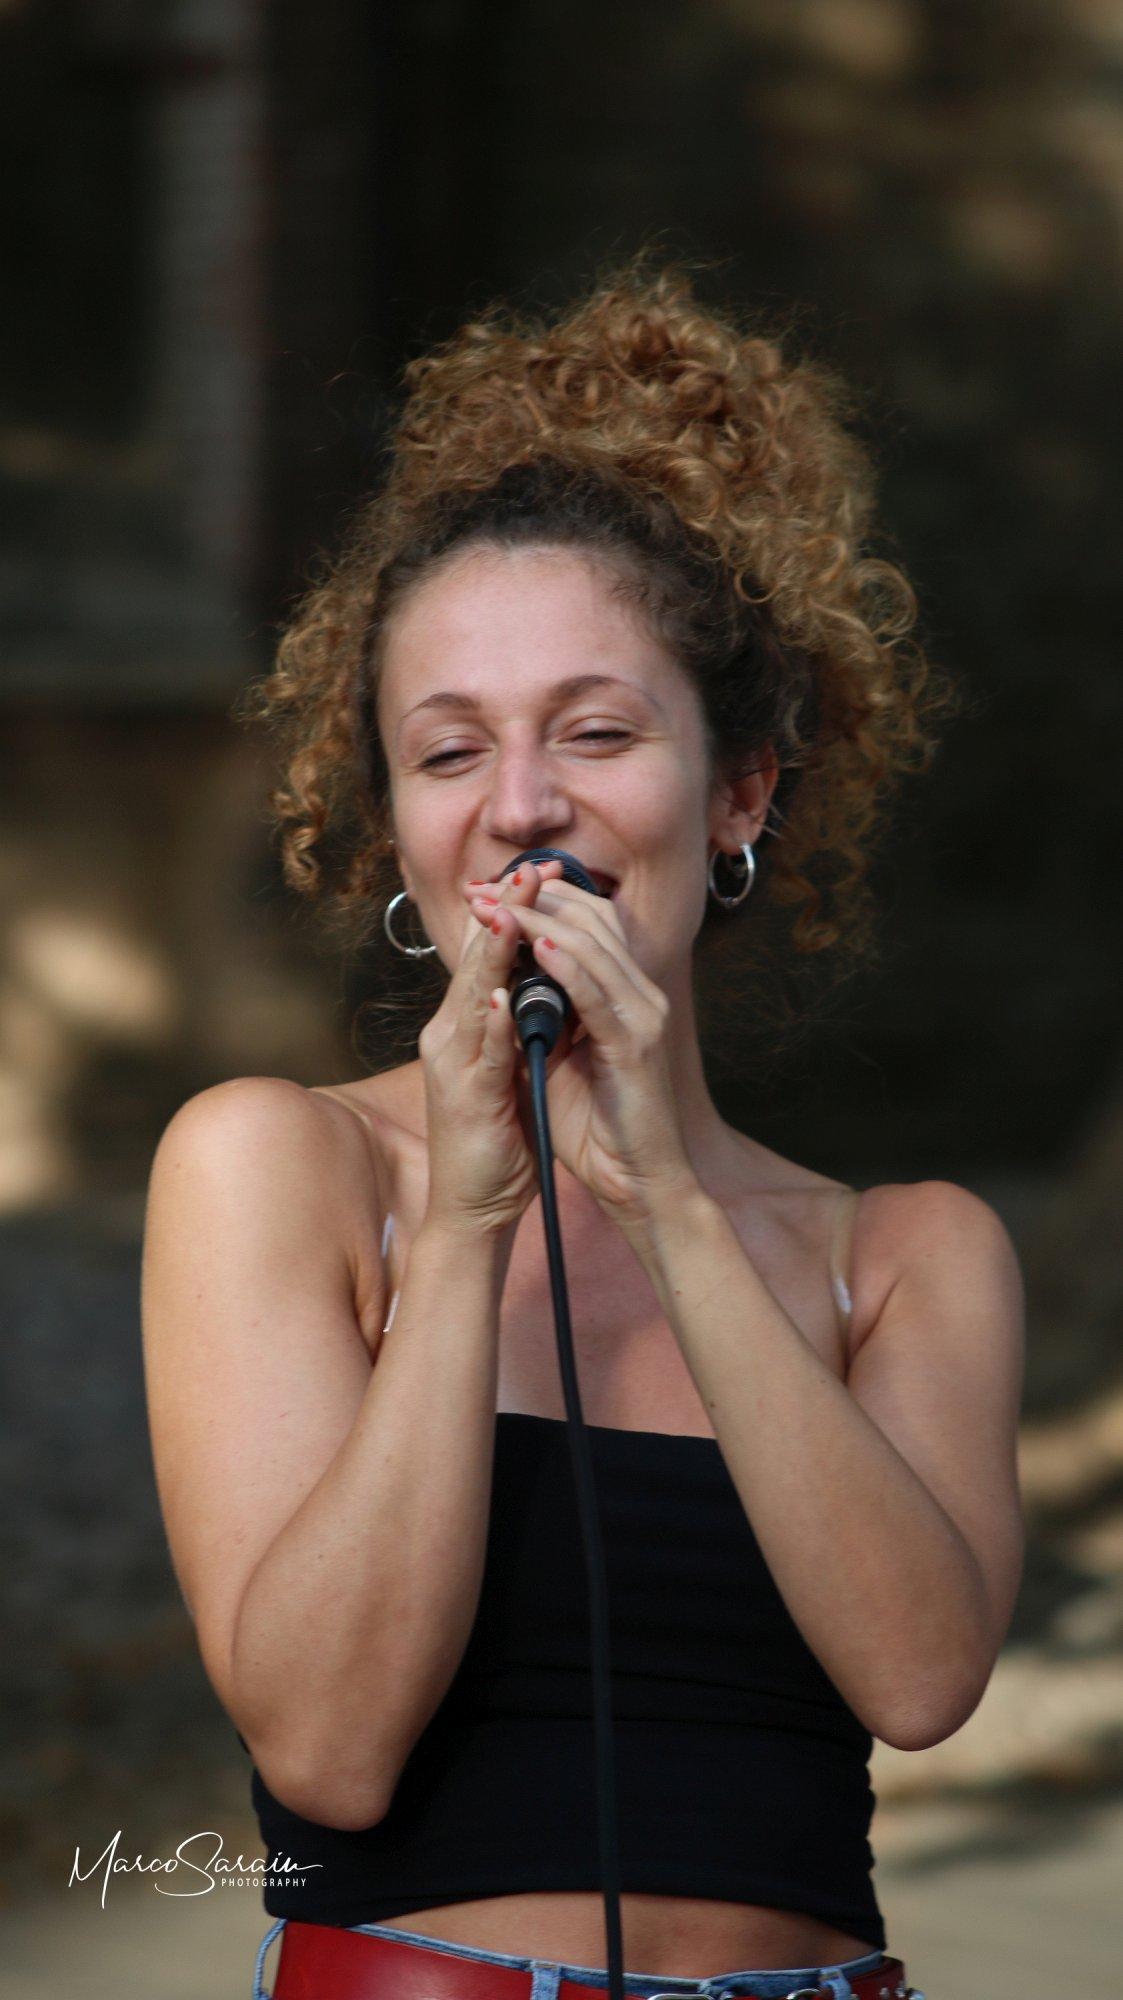 Camilla Busetto e Fabio Palmitesta Acoustic duo - Piazza Eremitani - Padova